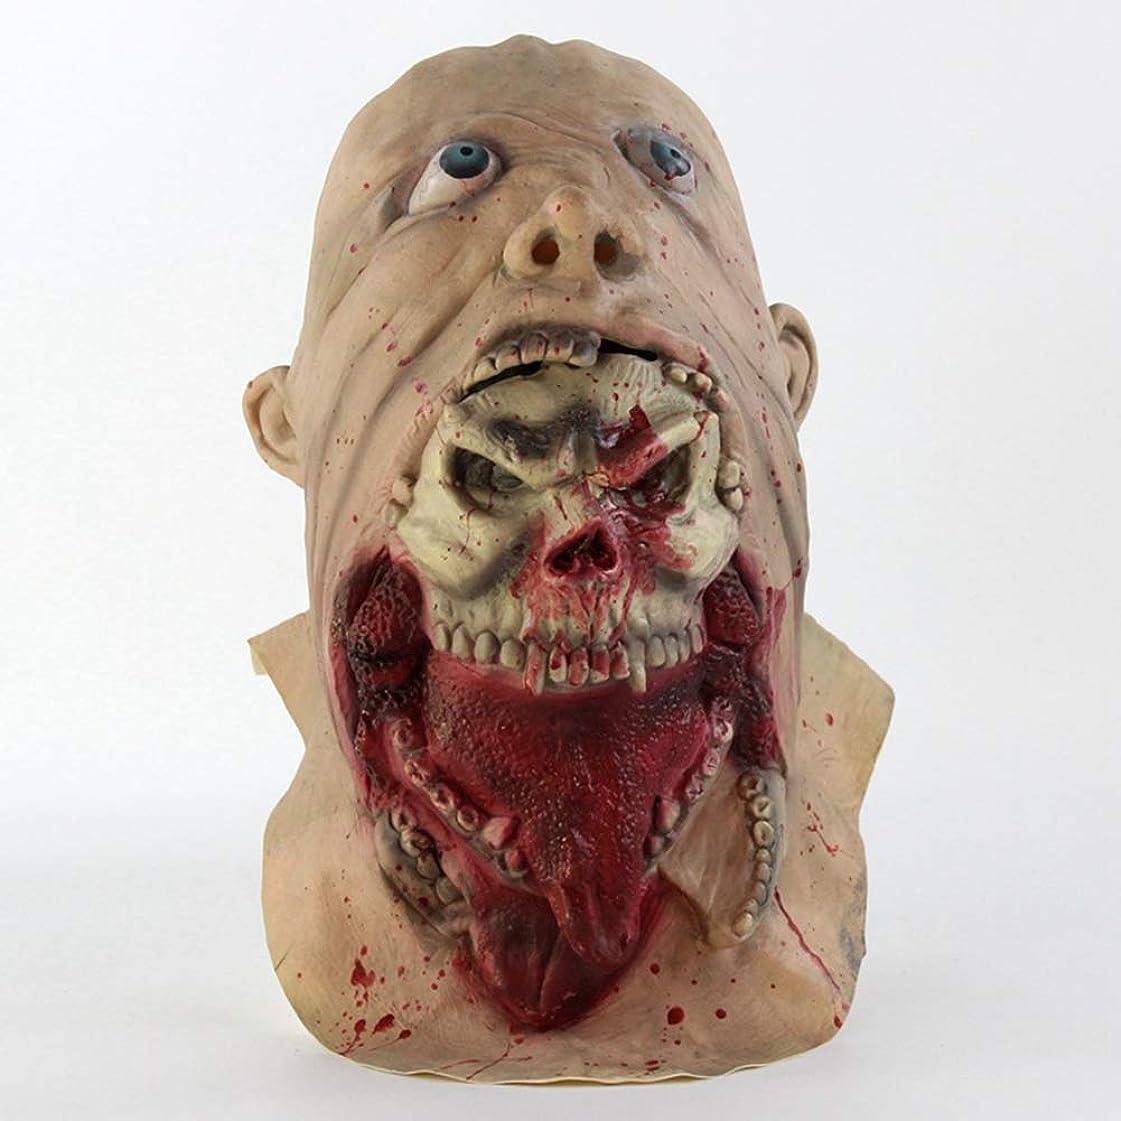 ペア聖人立派なハロウィーンホラーマスク、人の頭のマスクを食べる、創造的な面白いマスク、パーティーメイクラテックスマスク